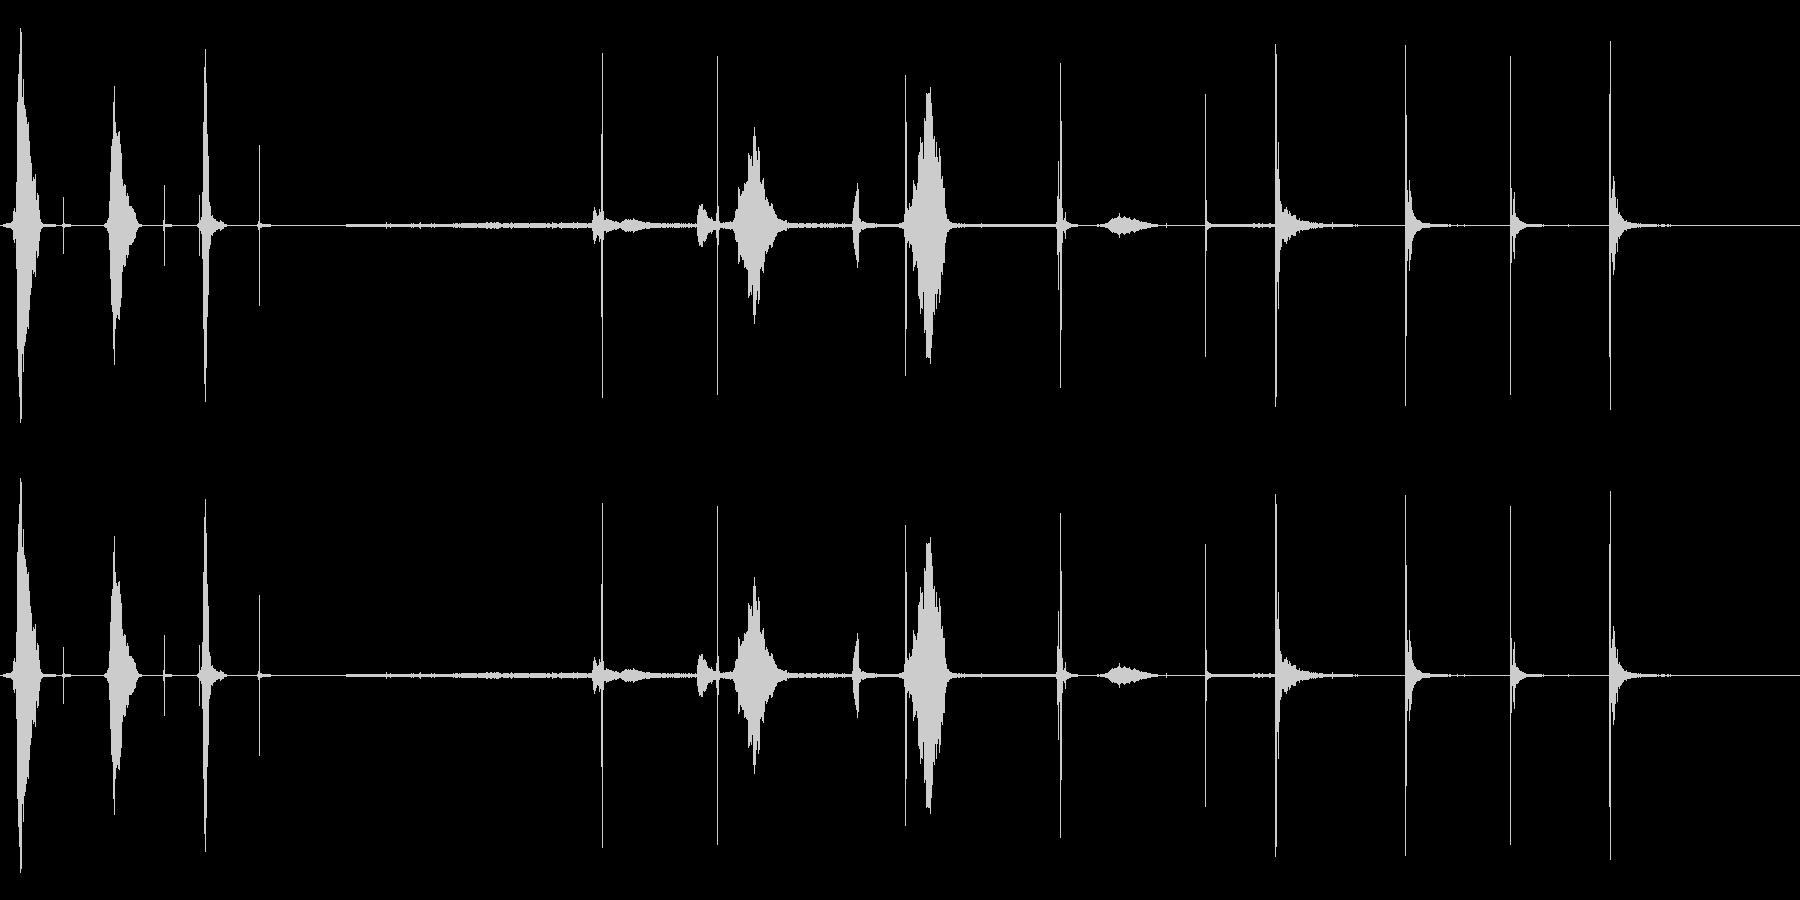 花火1の未再生の波形